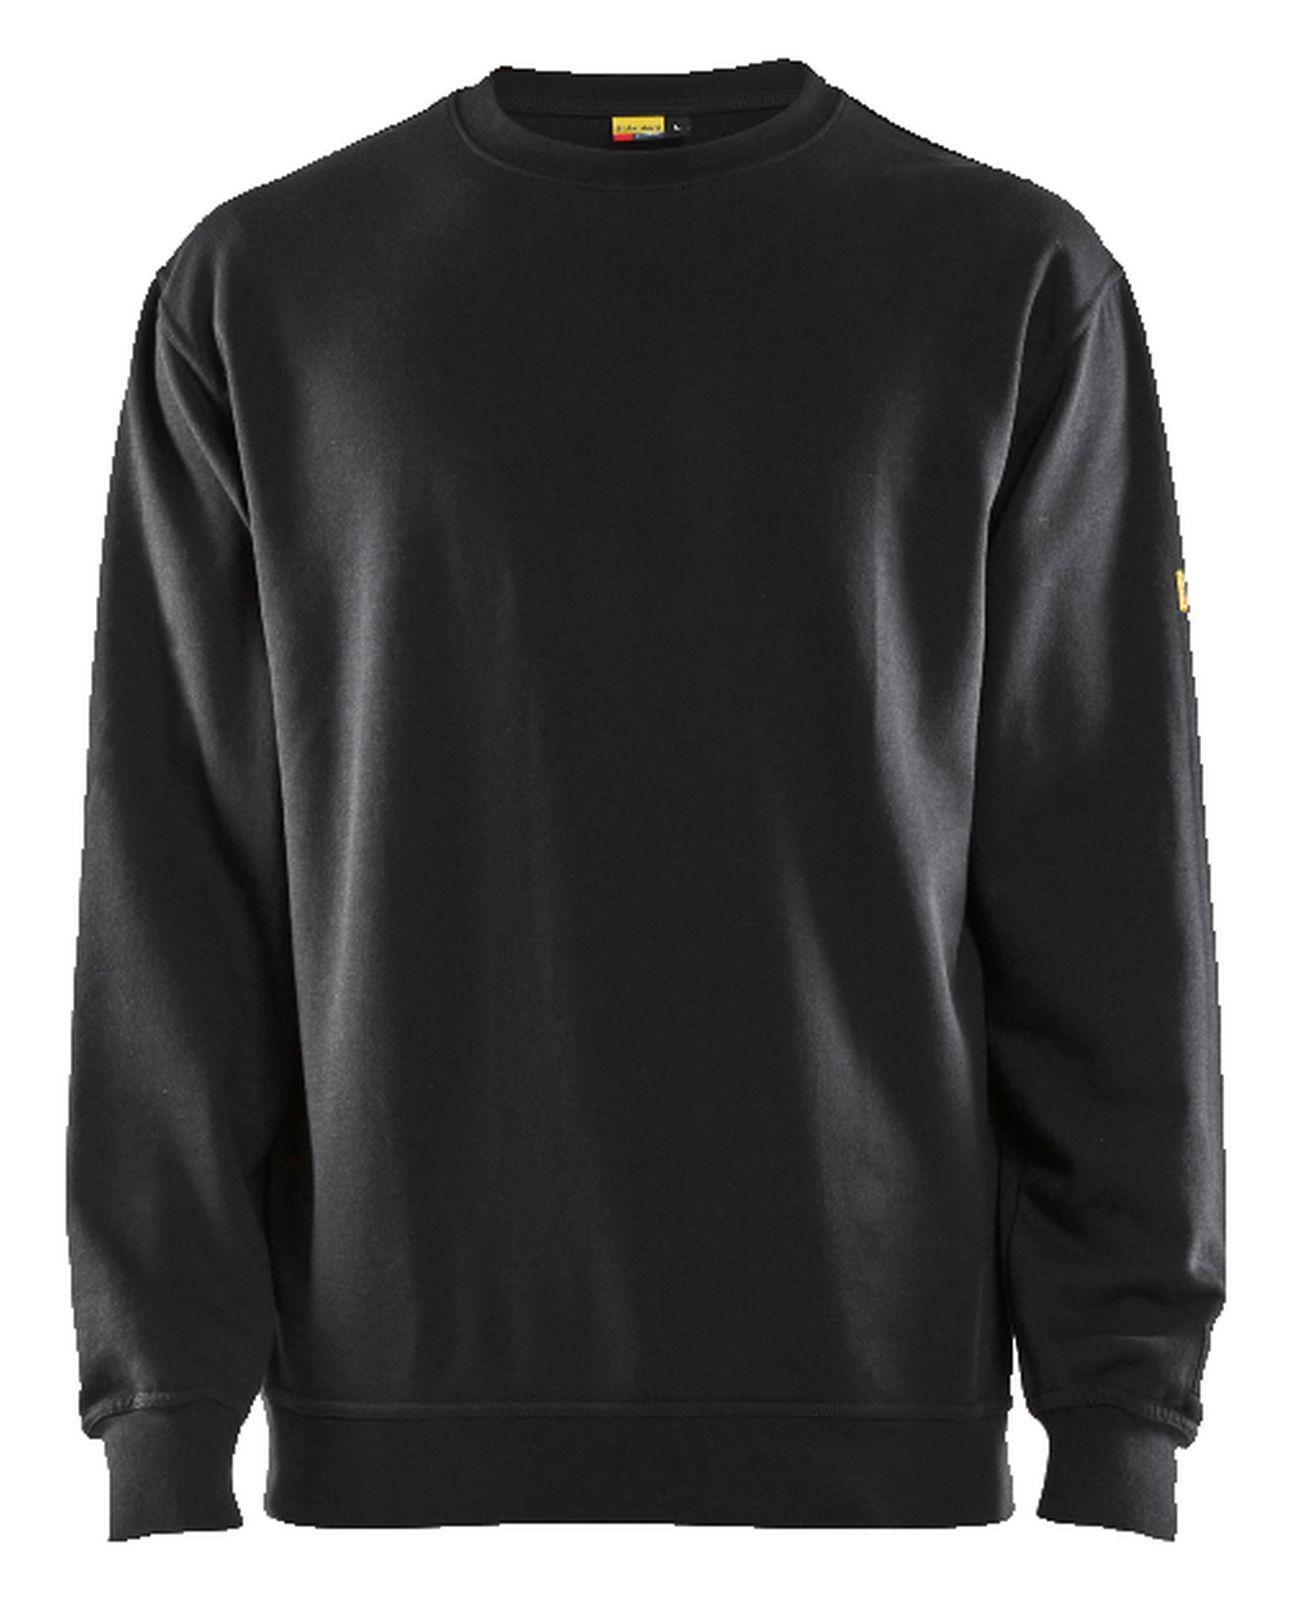 Blaklader Truien 30741762 zwart(9900)